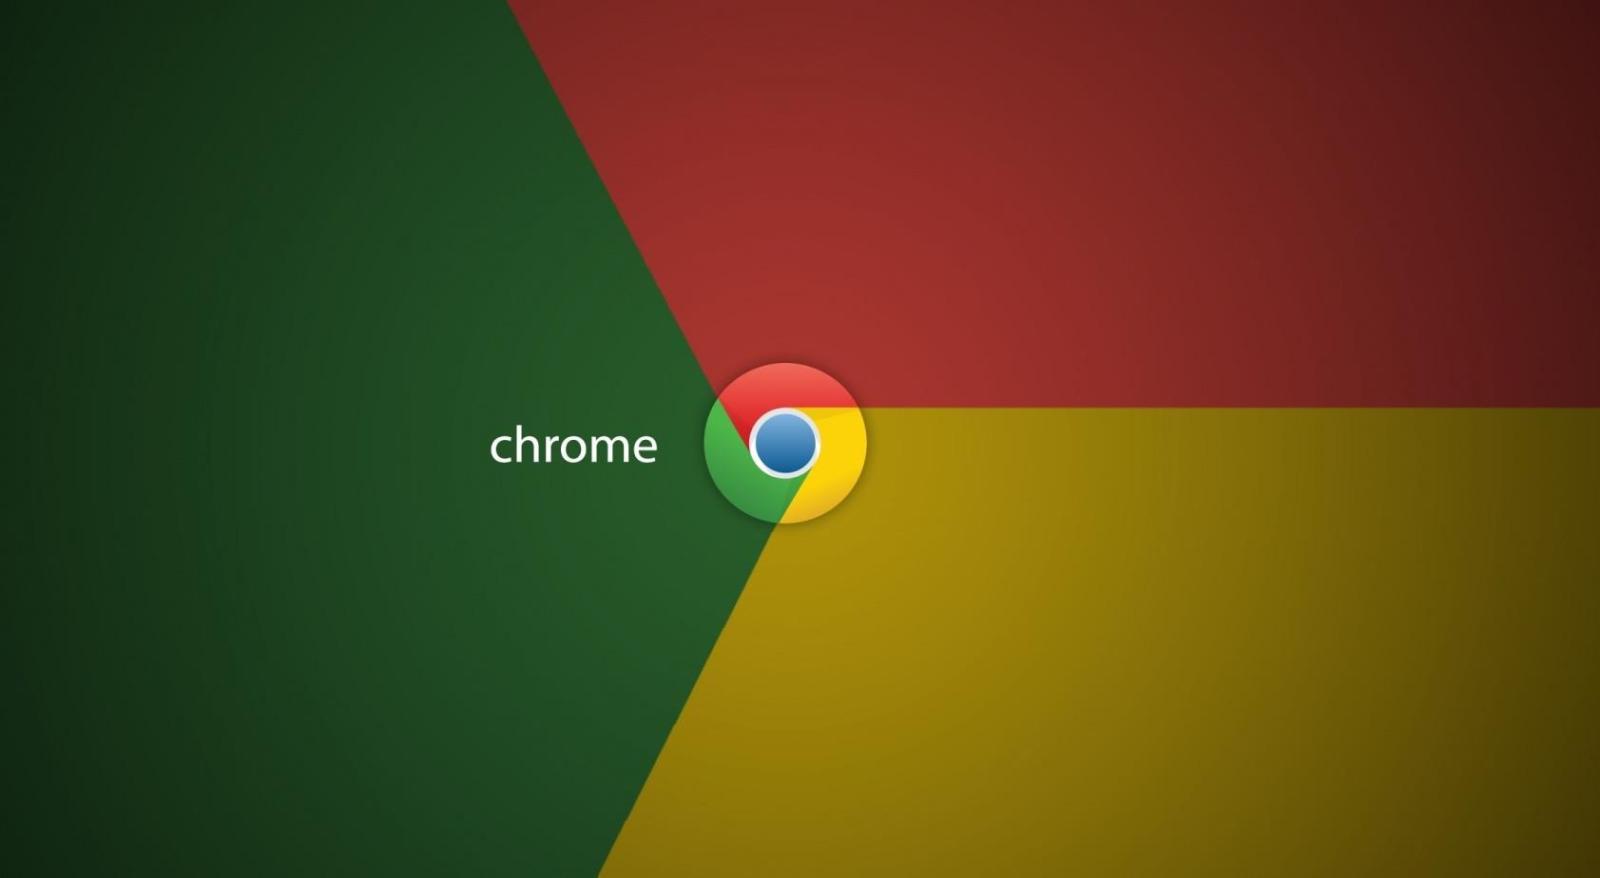 Обновление Google Chrome на разных устройствах и устранение проблем